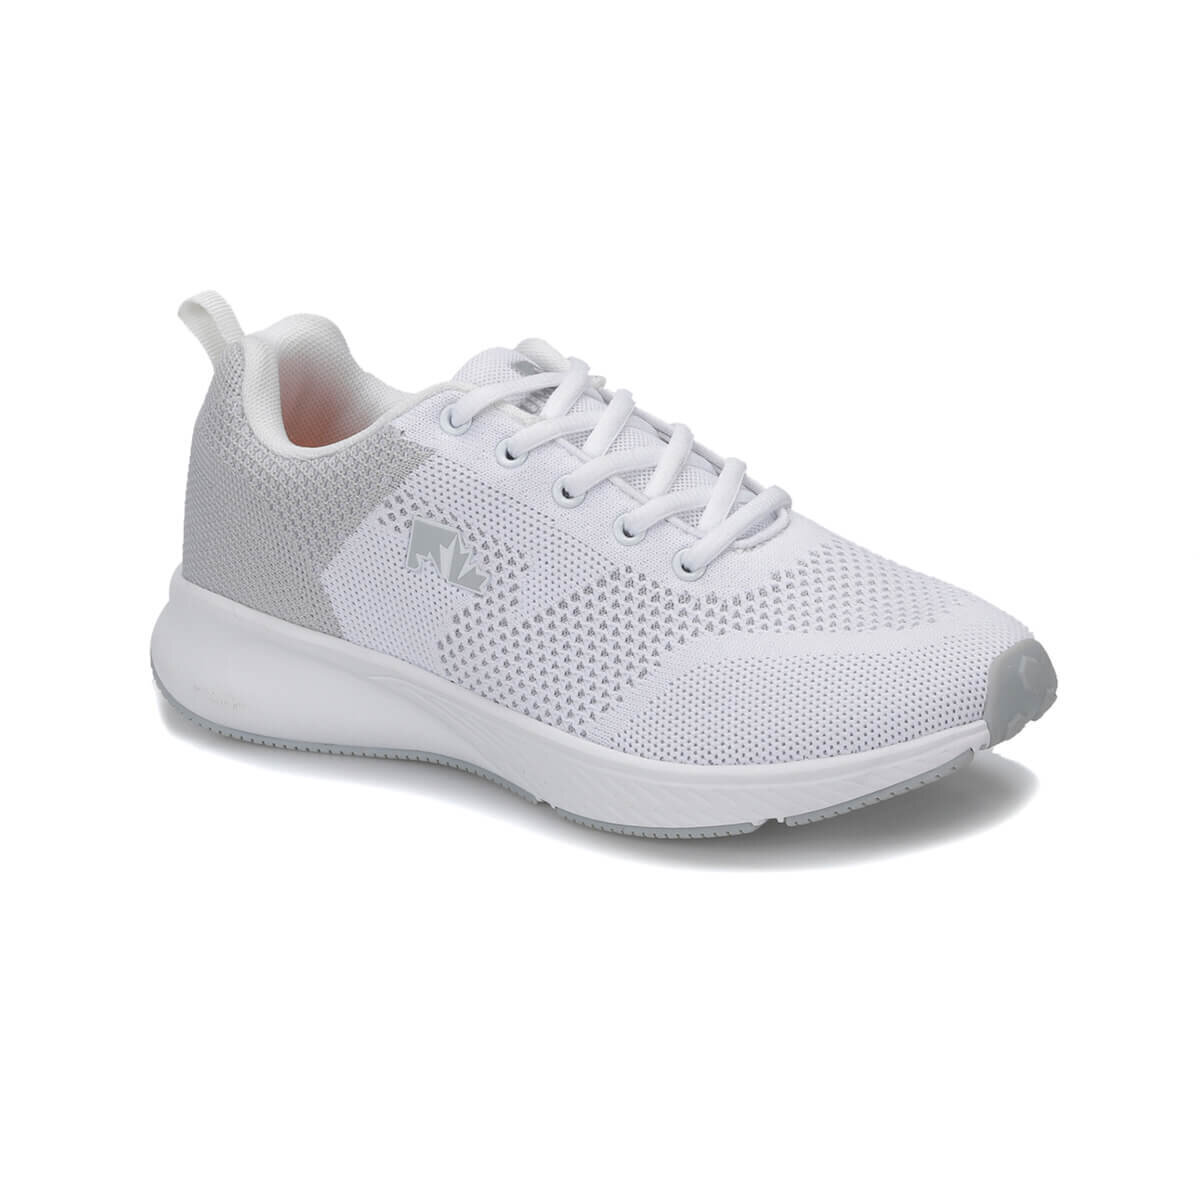 BEYAZ Kadın Koşu Ayakkabısı MELANIE